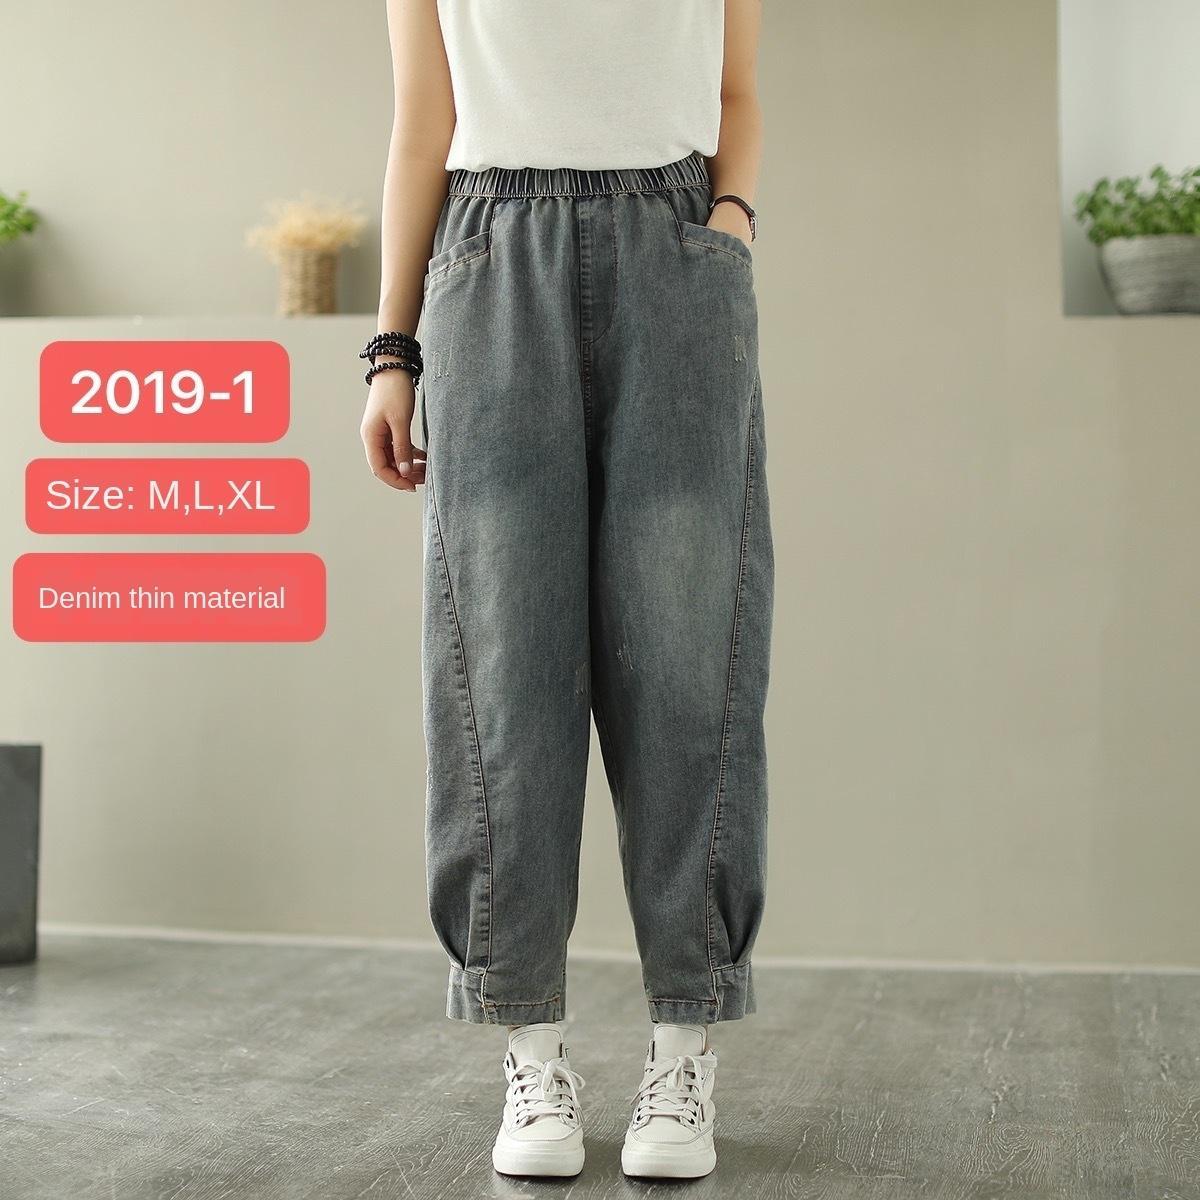 Тонкие случайные и джинсы прямые джинсов женских брюки 2020 литературный свободный папа брюки большого размера все соответствуют случайным штанам